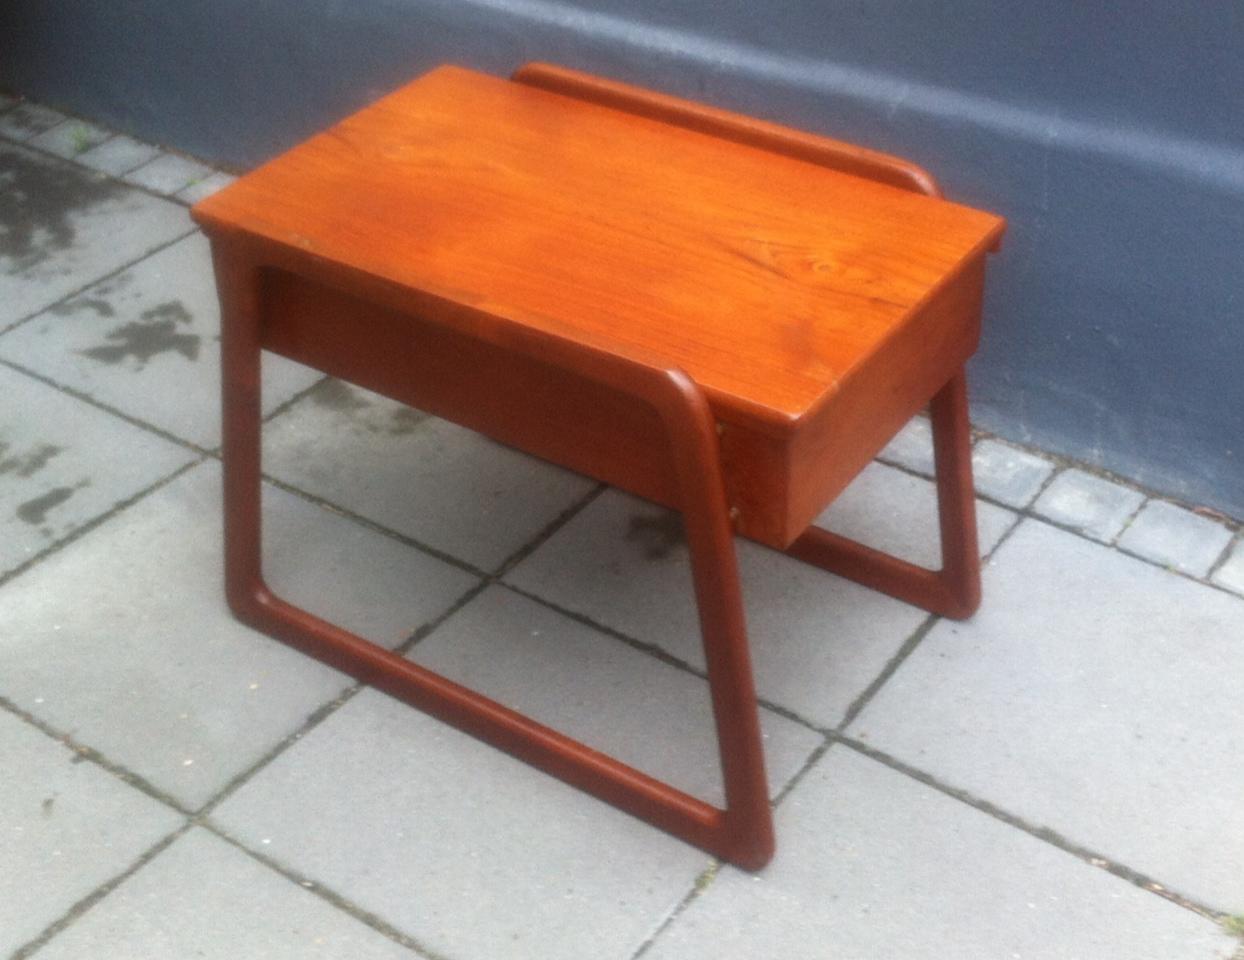 sybord entr m bel af teak sika m bler 1960 erne retro. Black Bedroom Furniture Sets. Home Design Ideas